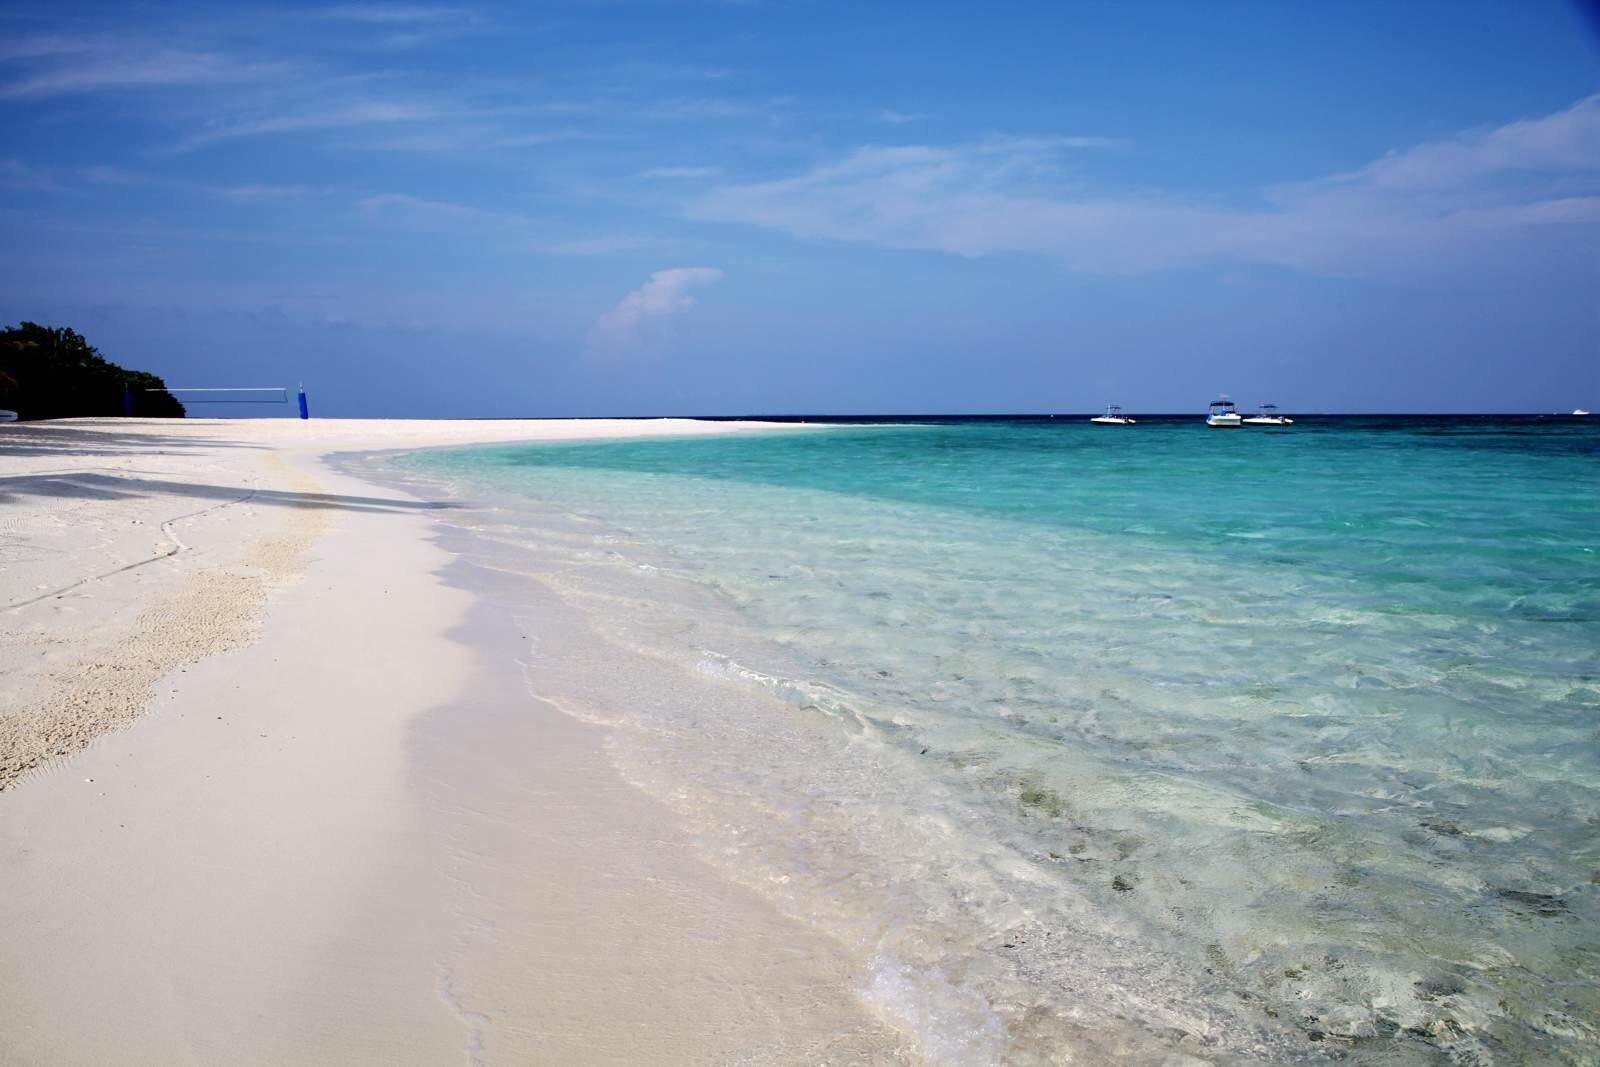 水上水下的乐园 - 马尔代夫双岛游 w(2)